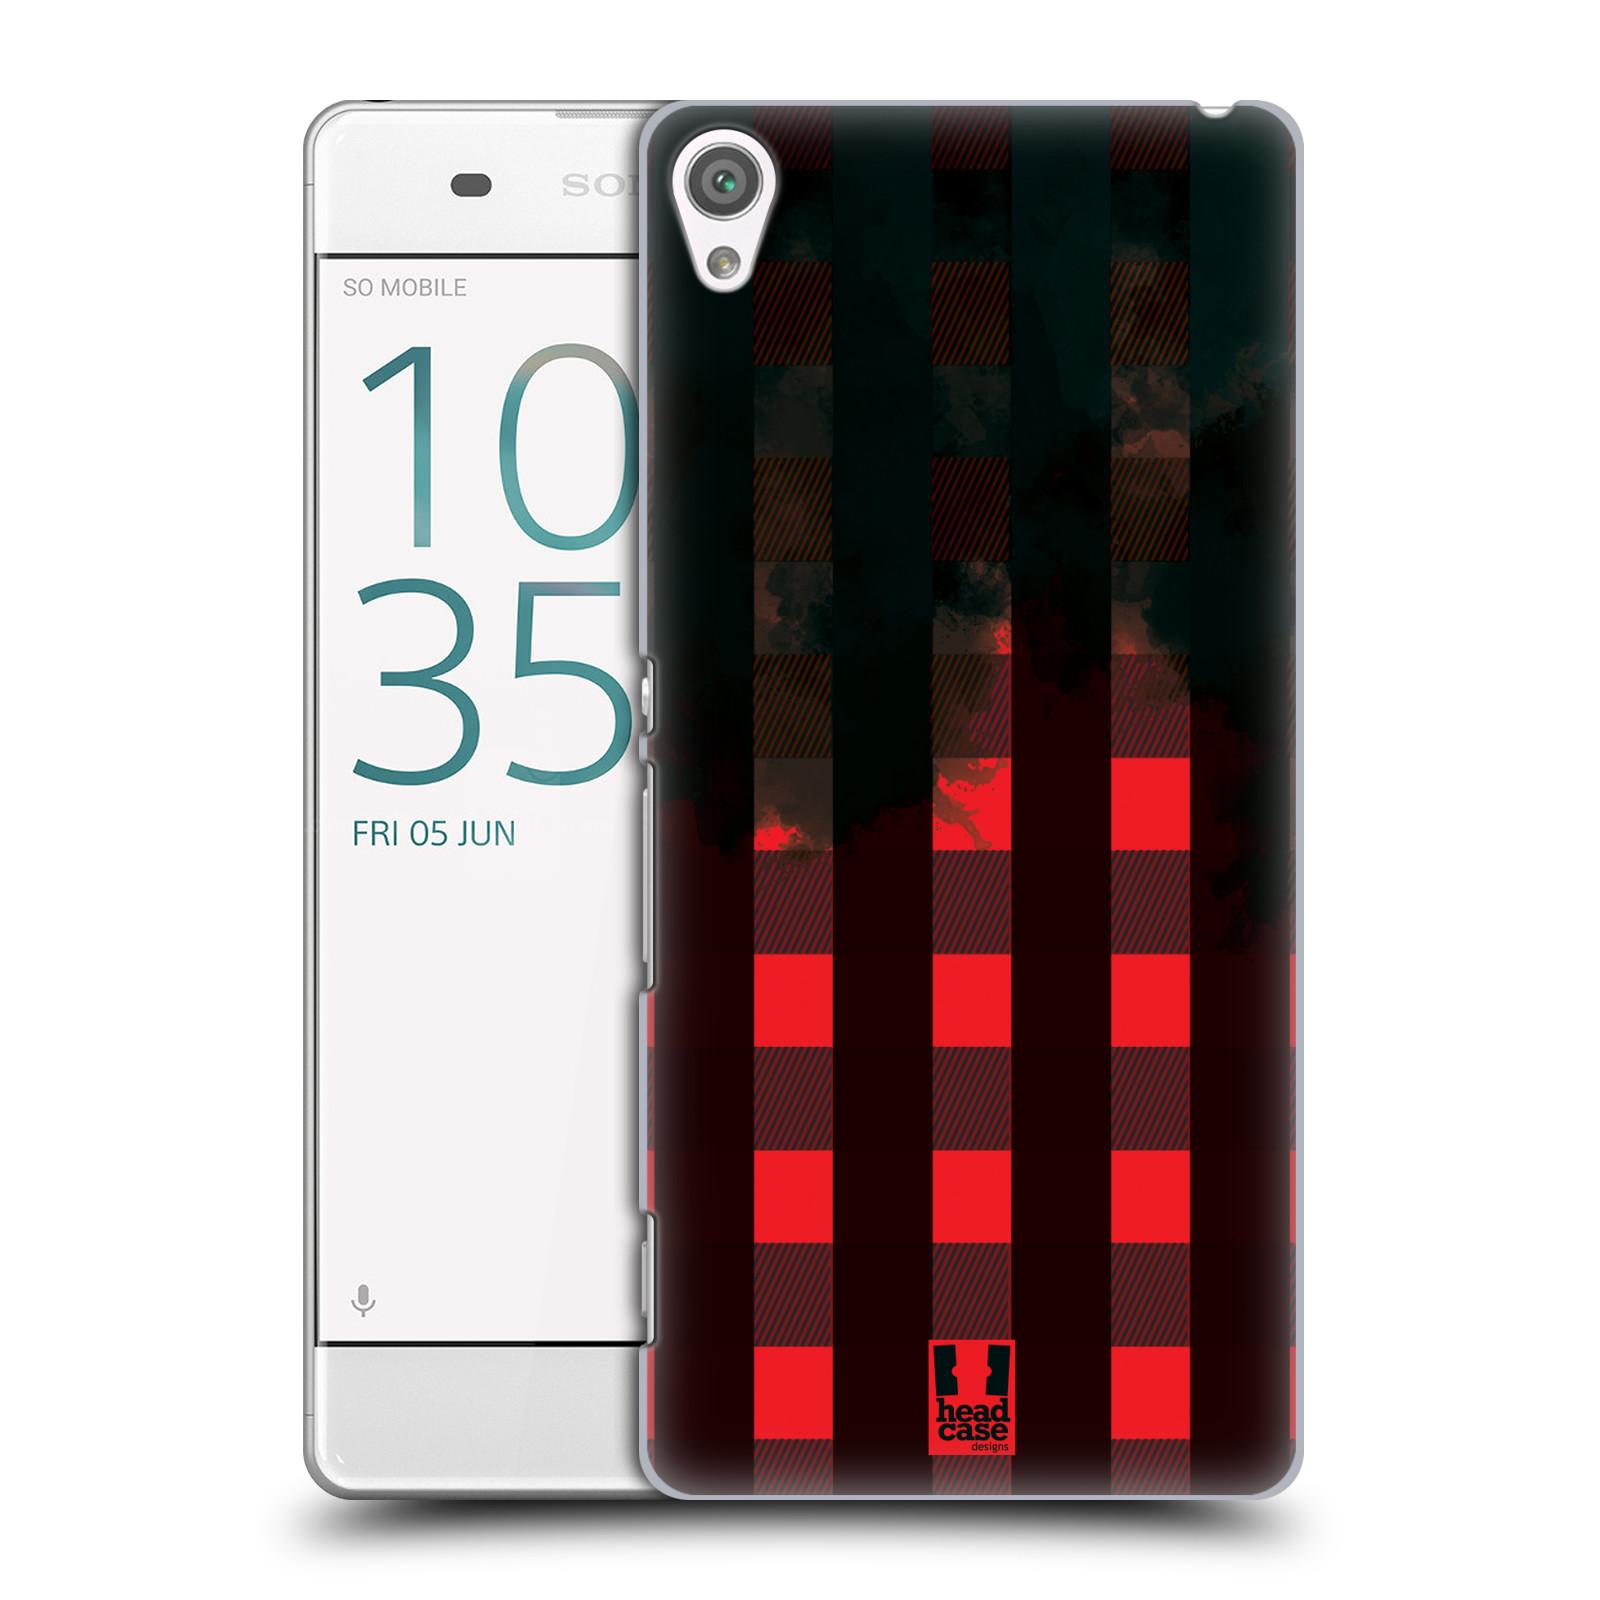 Plastové pouzdro na mobil Sony Xperia XA HEAD CASE FLANEL RED BLACK (Plastový kryt či obal na mobilní telefon Sony Xperia XA F3111 / Dual F3112)